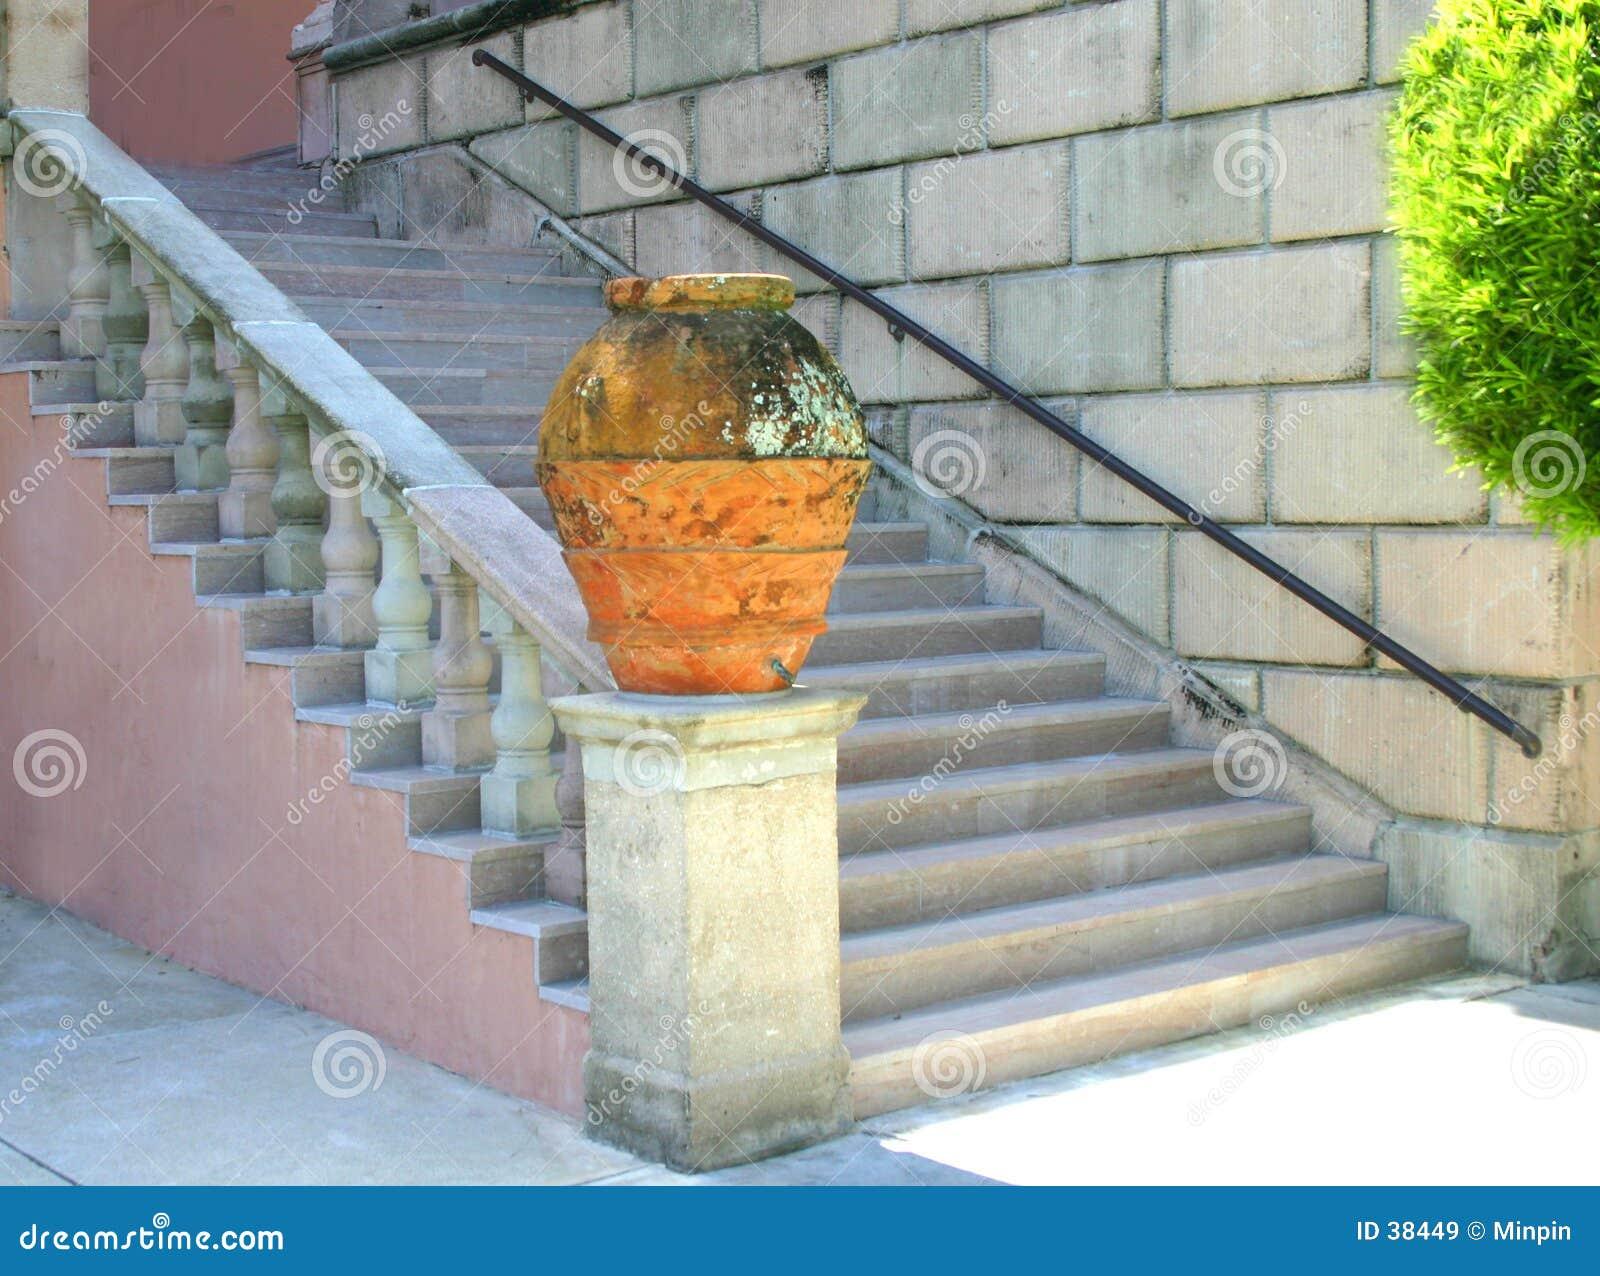 Download Encima de las escaleras imagen de archivo. Imagen de jardín - 38449